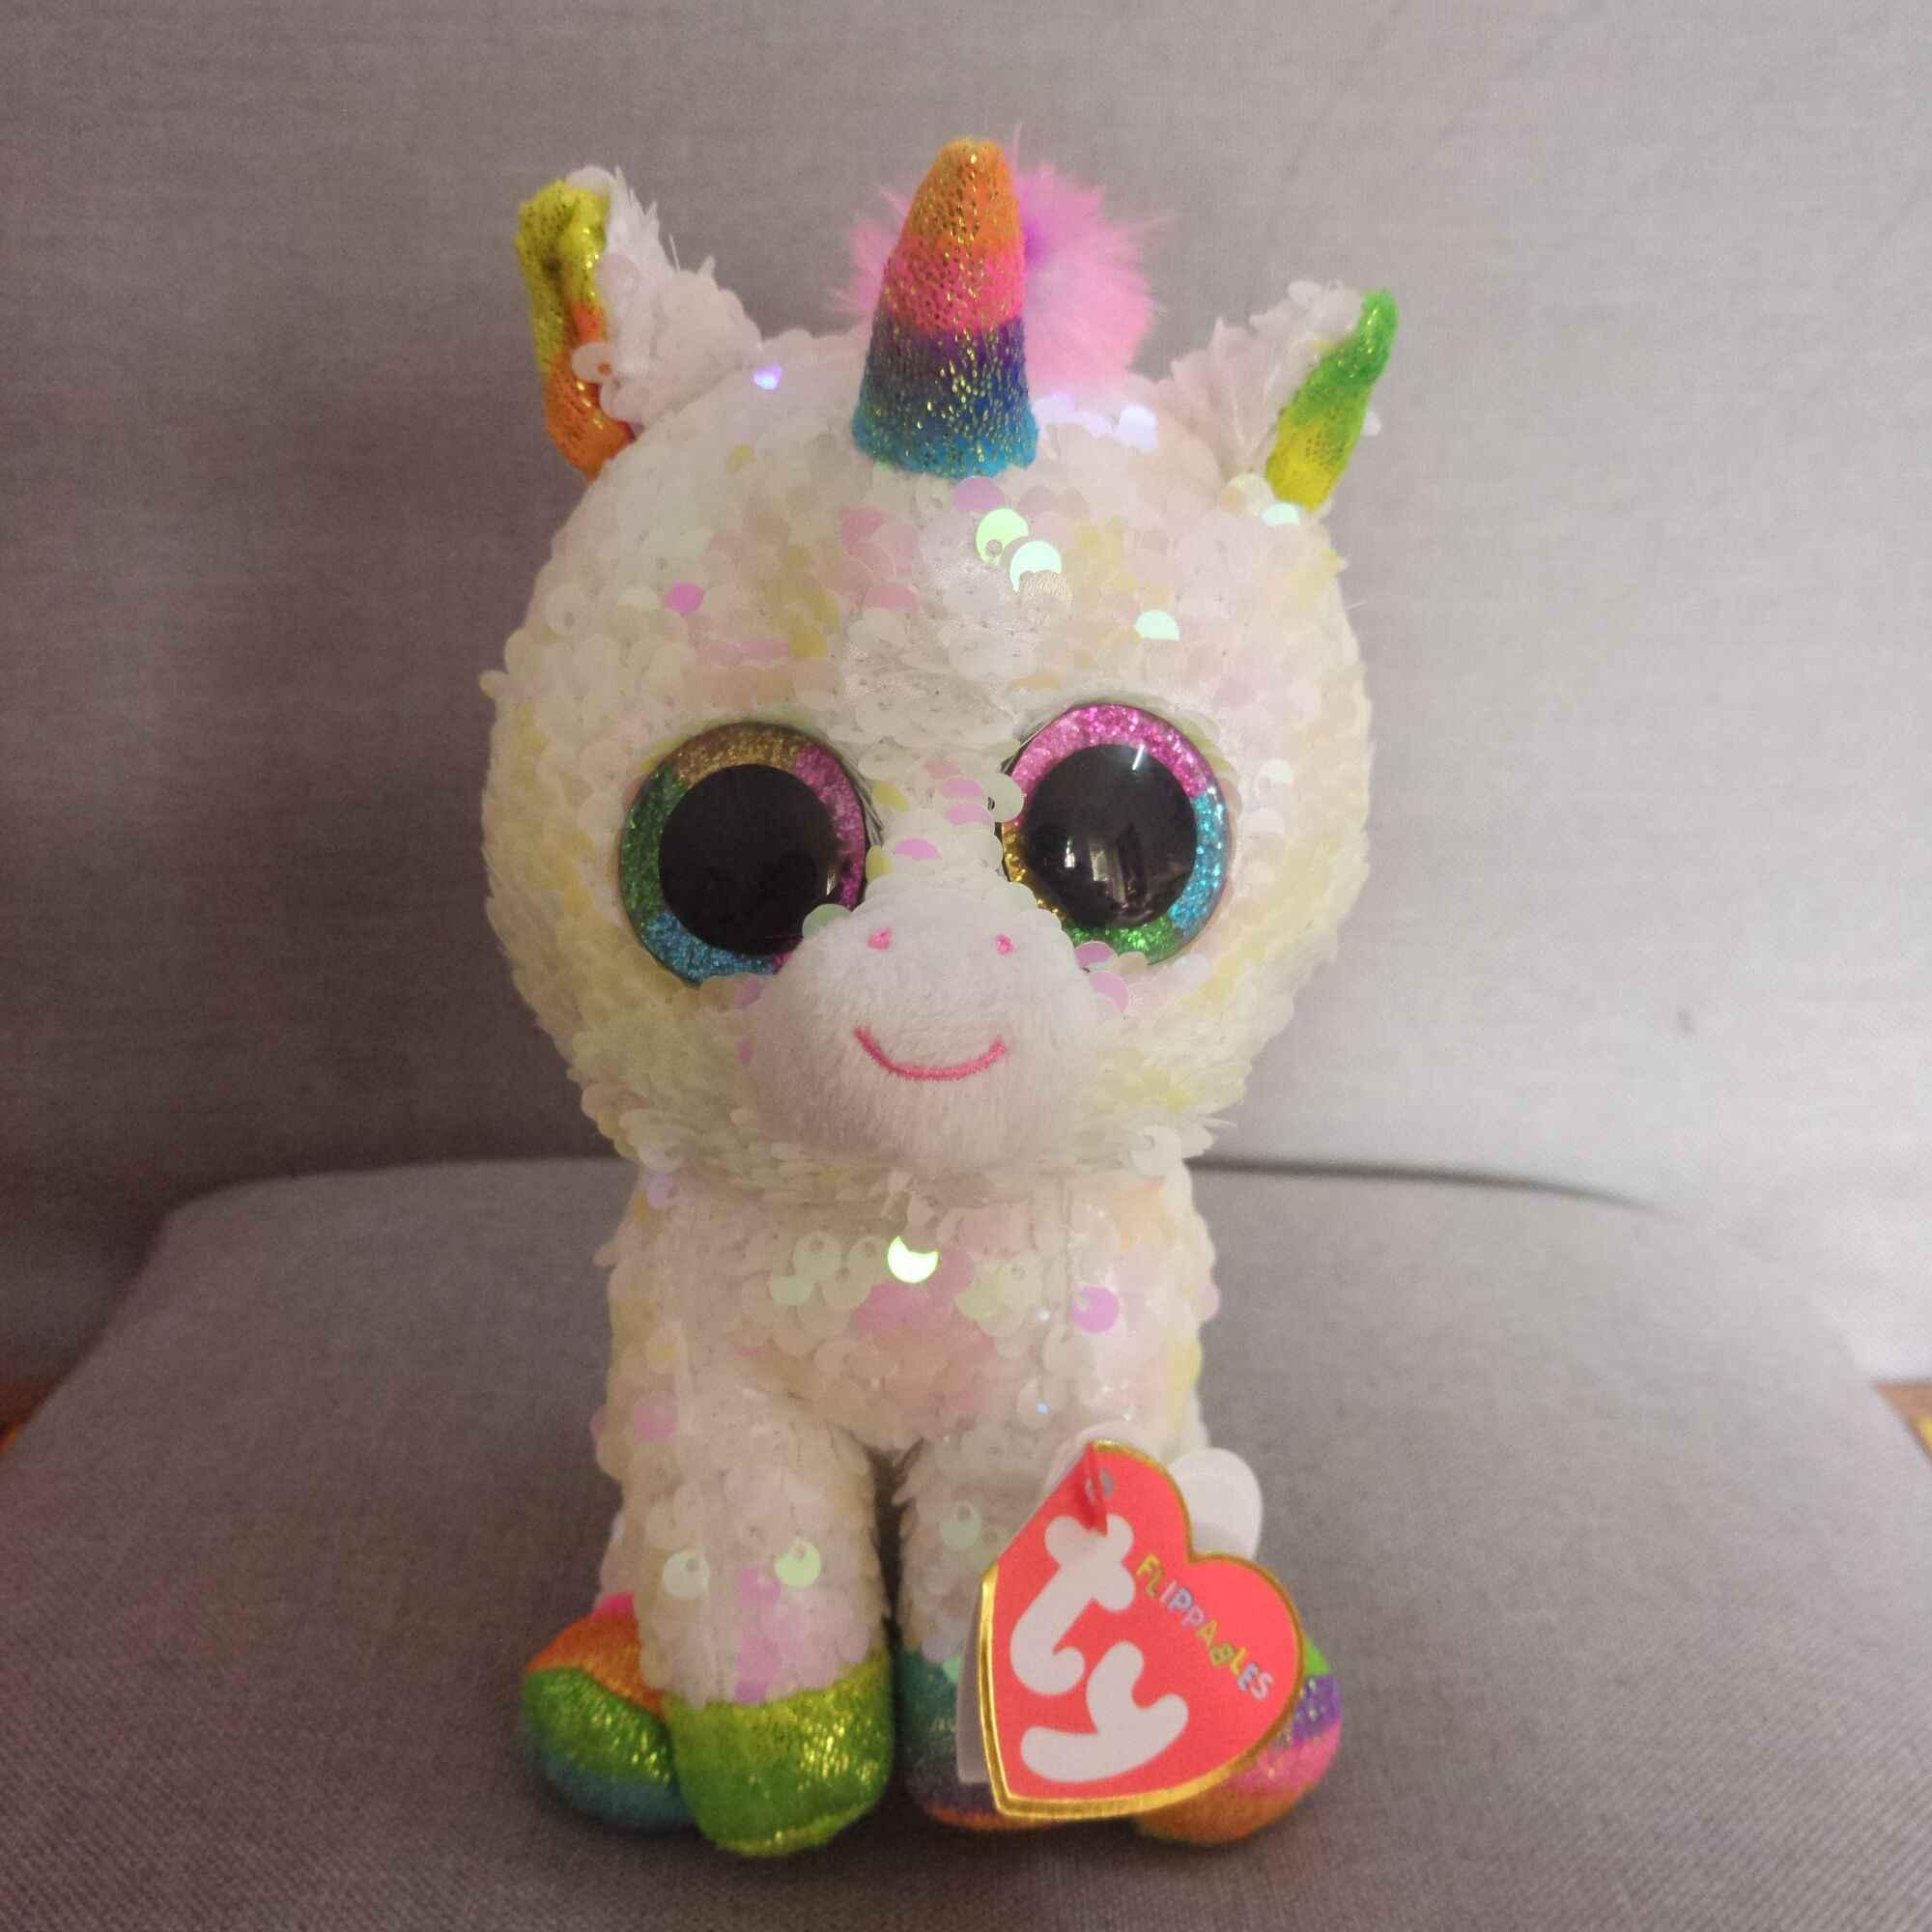 """Ty Vaias Gorro 6 """"15 centímetros grandes olhos lantejoulas preguiça chihuahua coelho unicórnio série animal de pelúcia macia boneca de brinquedo juguetes"""